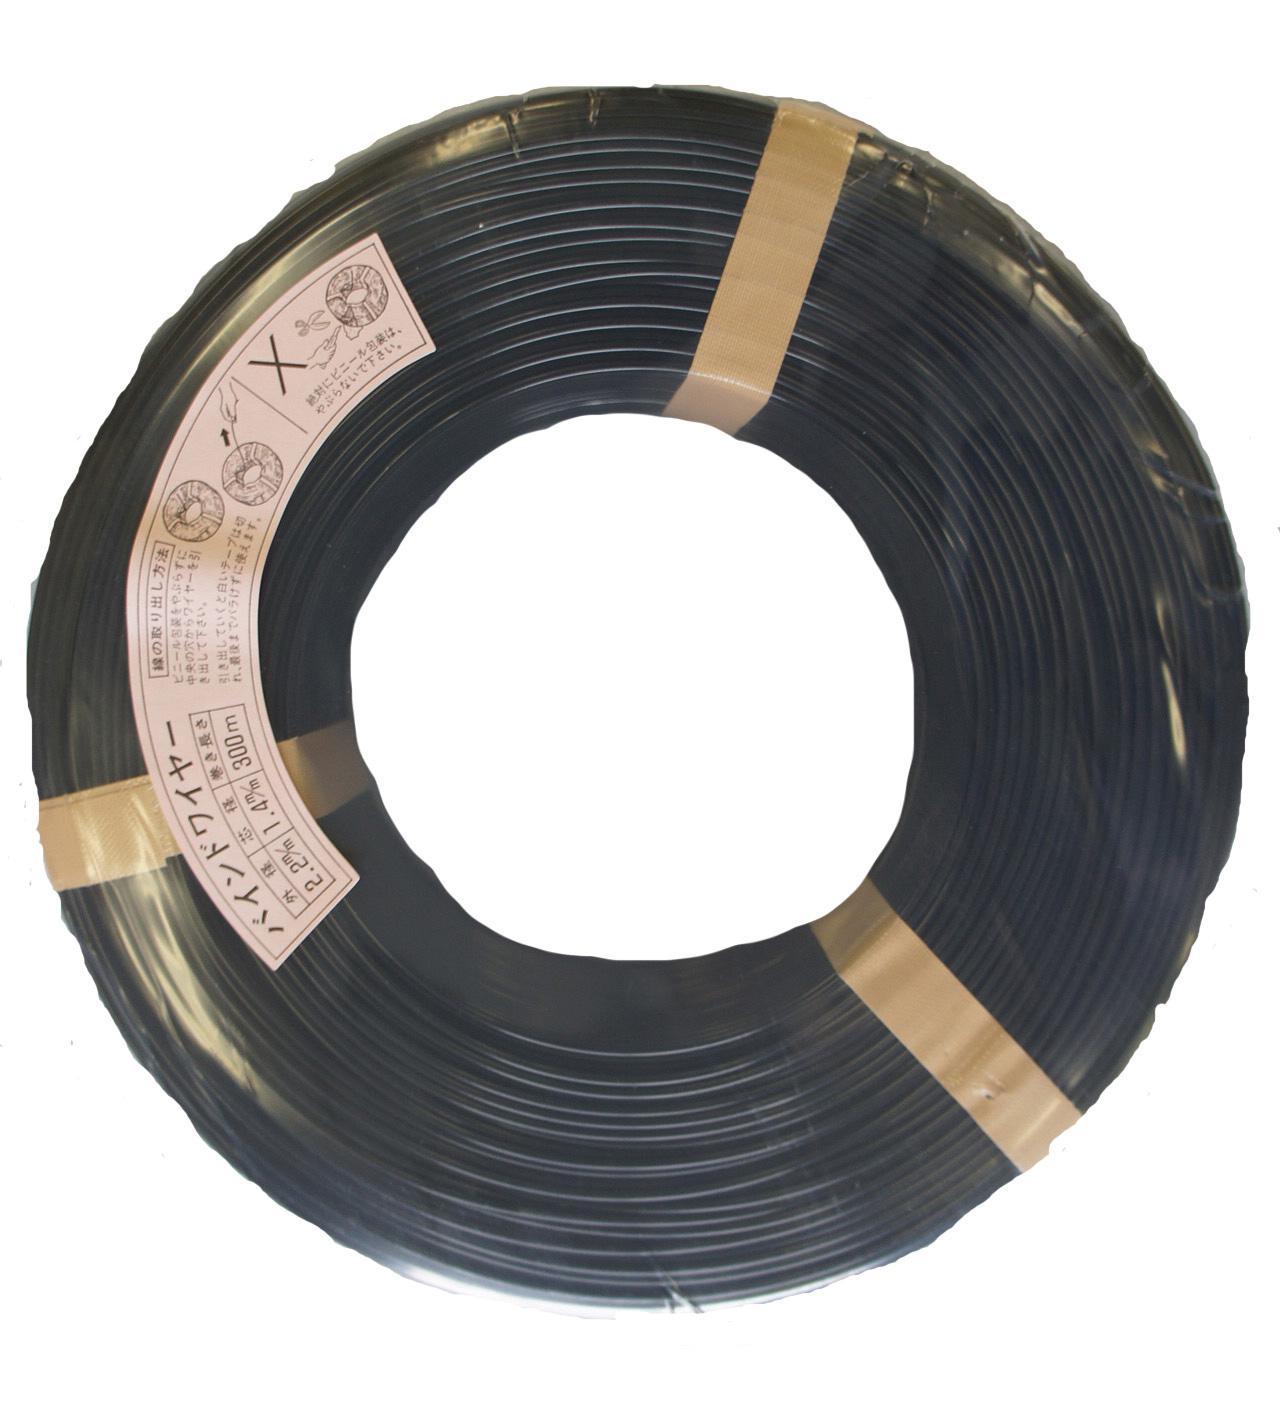 連結用被覆番線(2.2/1.4mm)